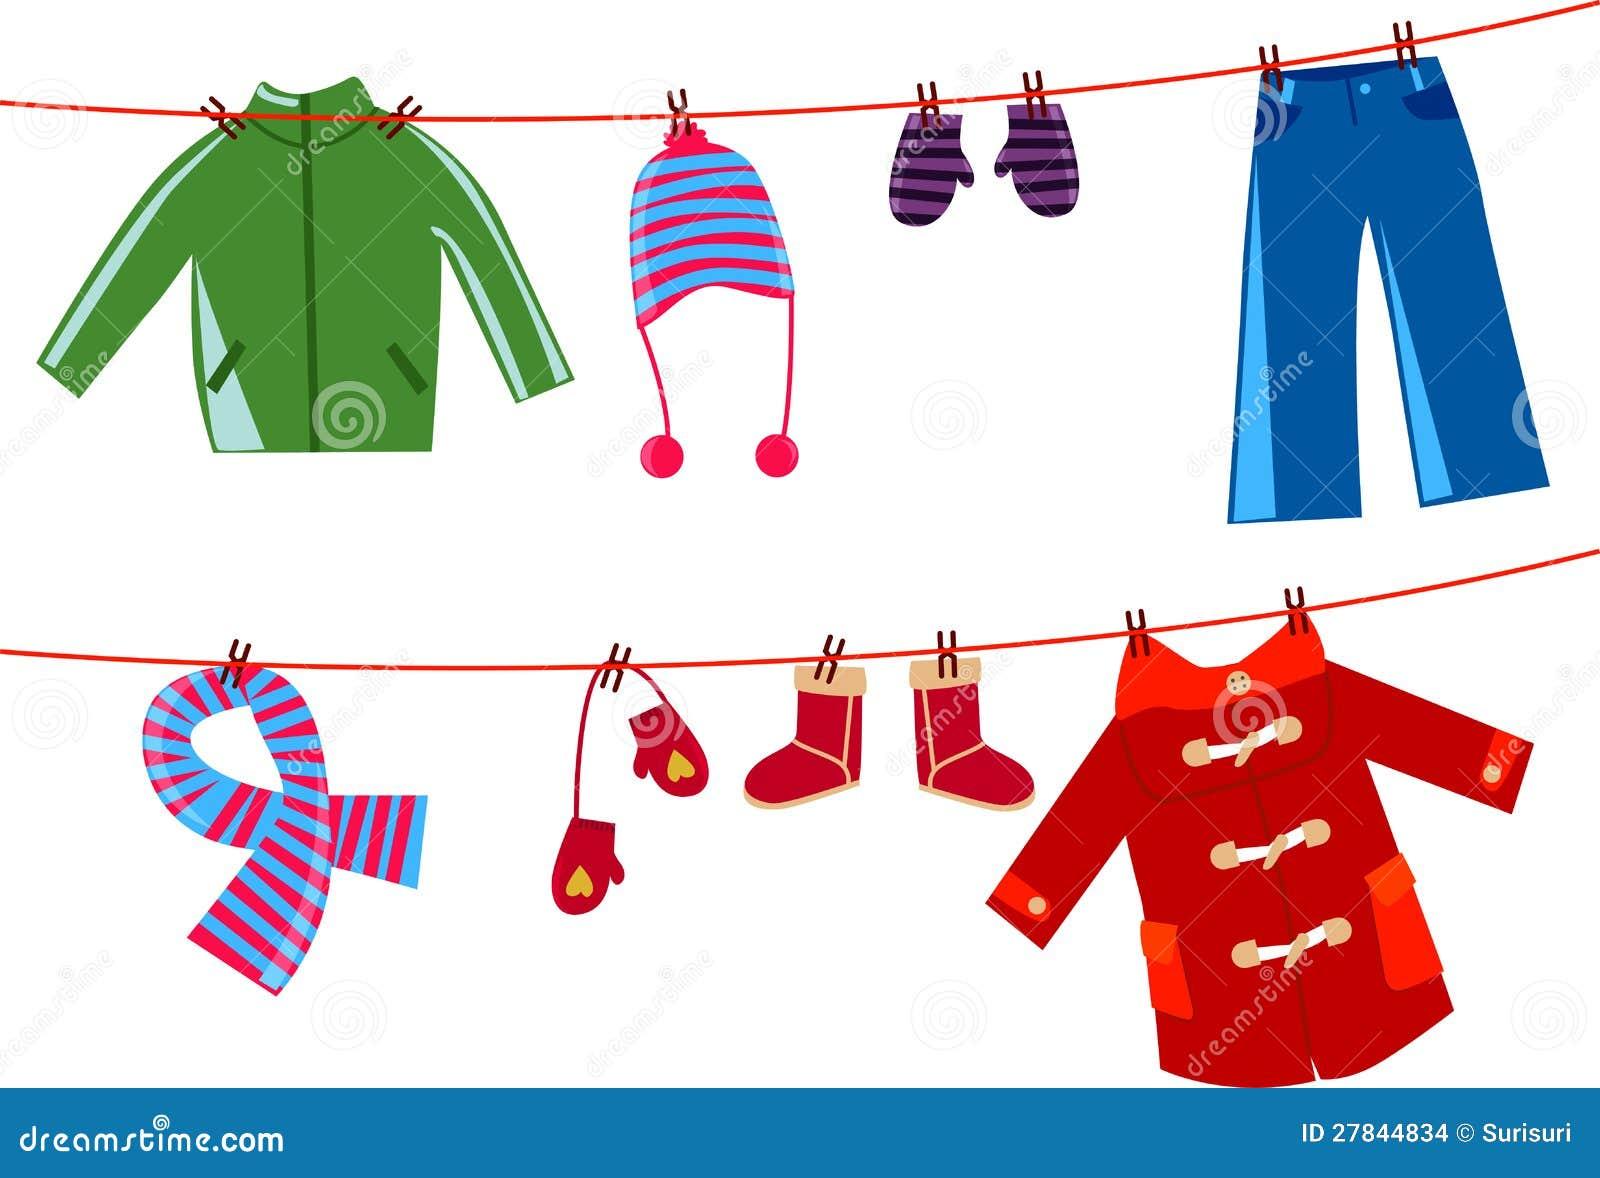 Clothes Line Clip Art ~ Children clothesline stock images image